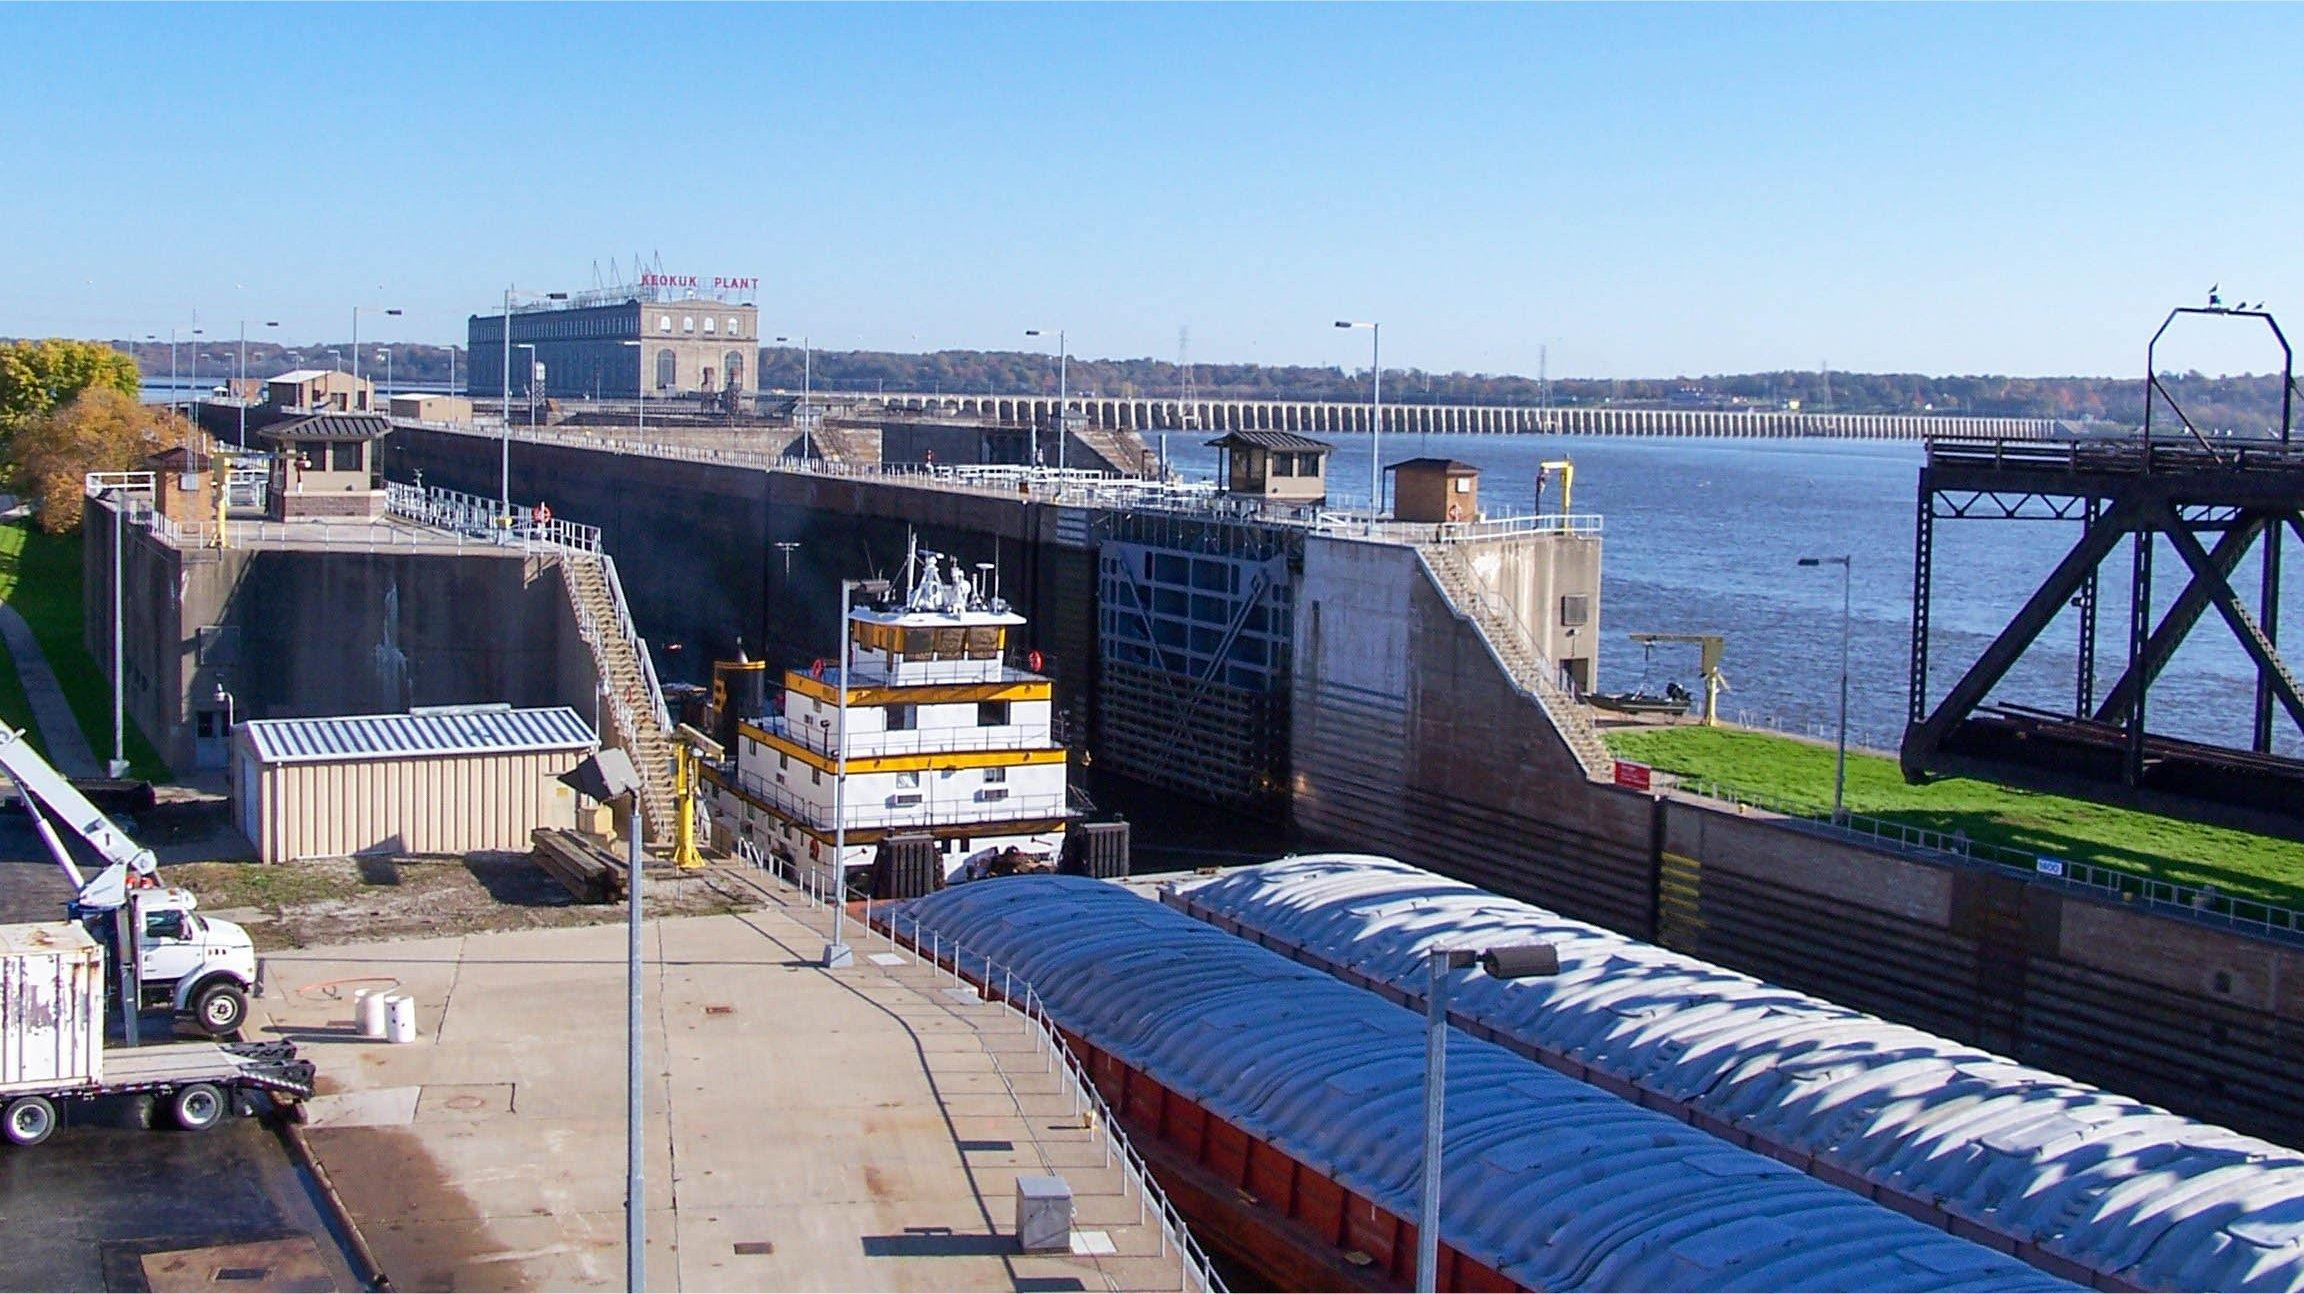 Lock and Dam #19 in Keokuk, Iowa